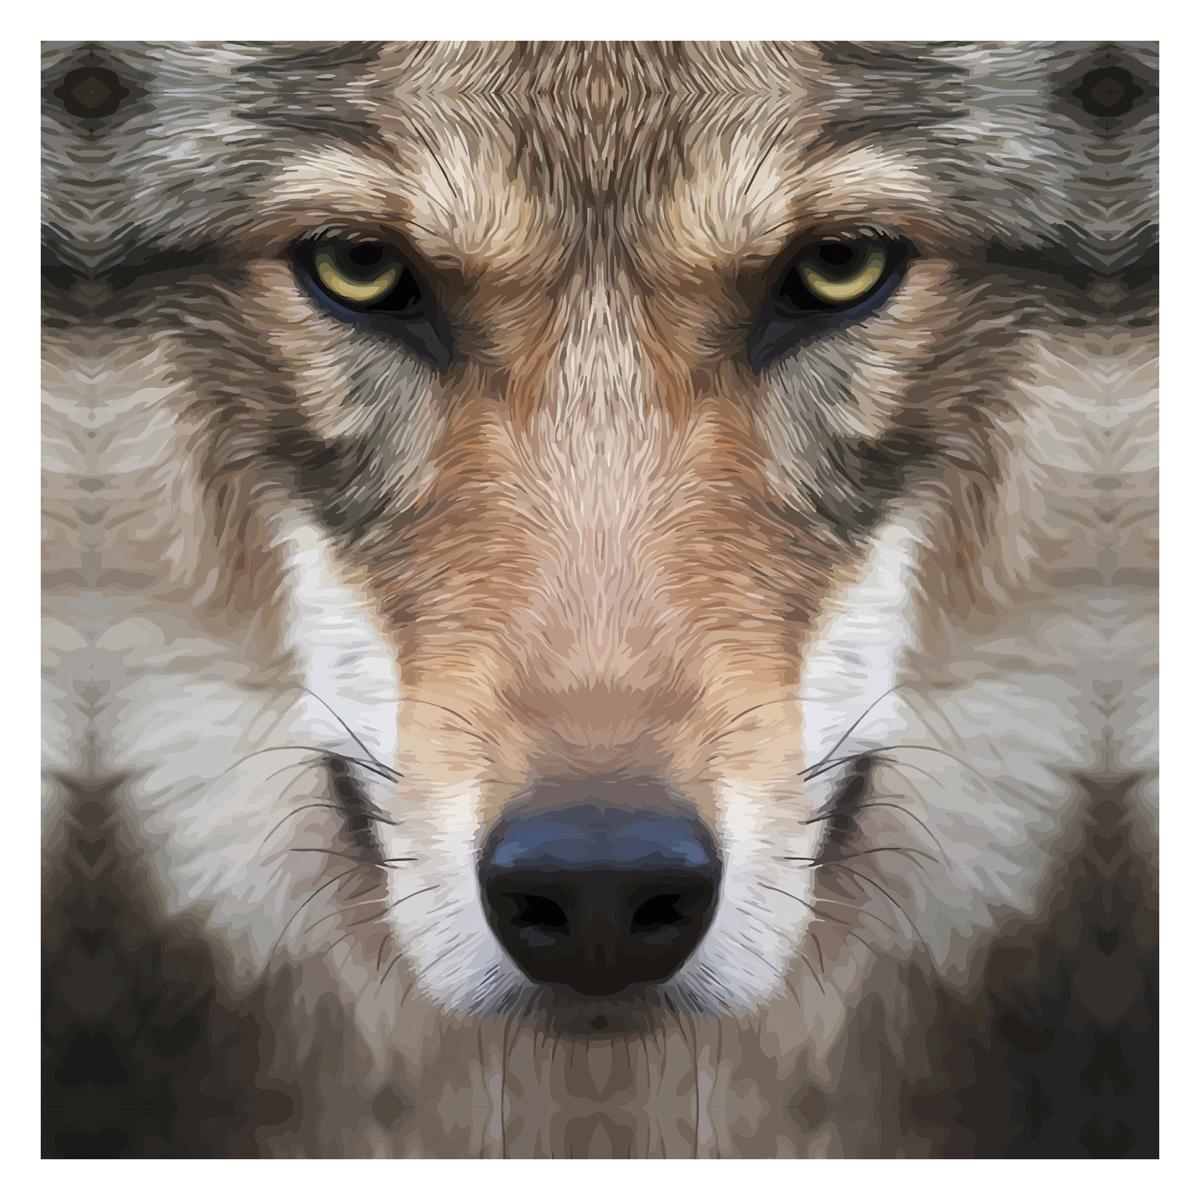 Картина на холсте Decoretto Art Глаза хищника, 50 х 50 см картина на холсте decoretto art царь зверей 60 х 30 см